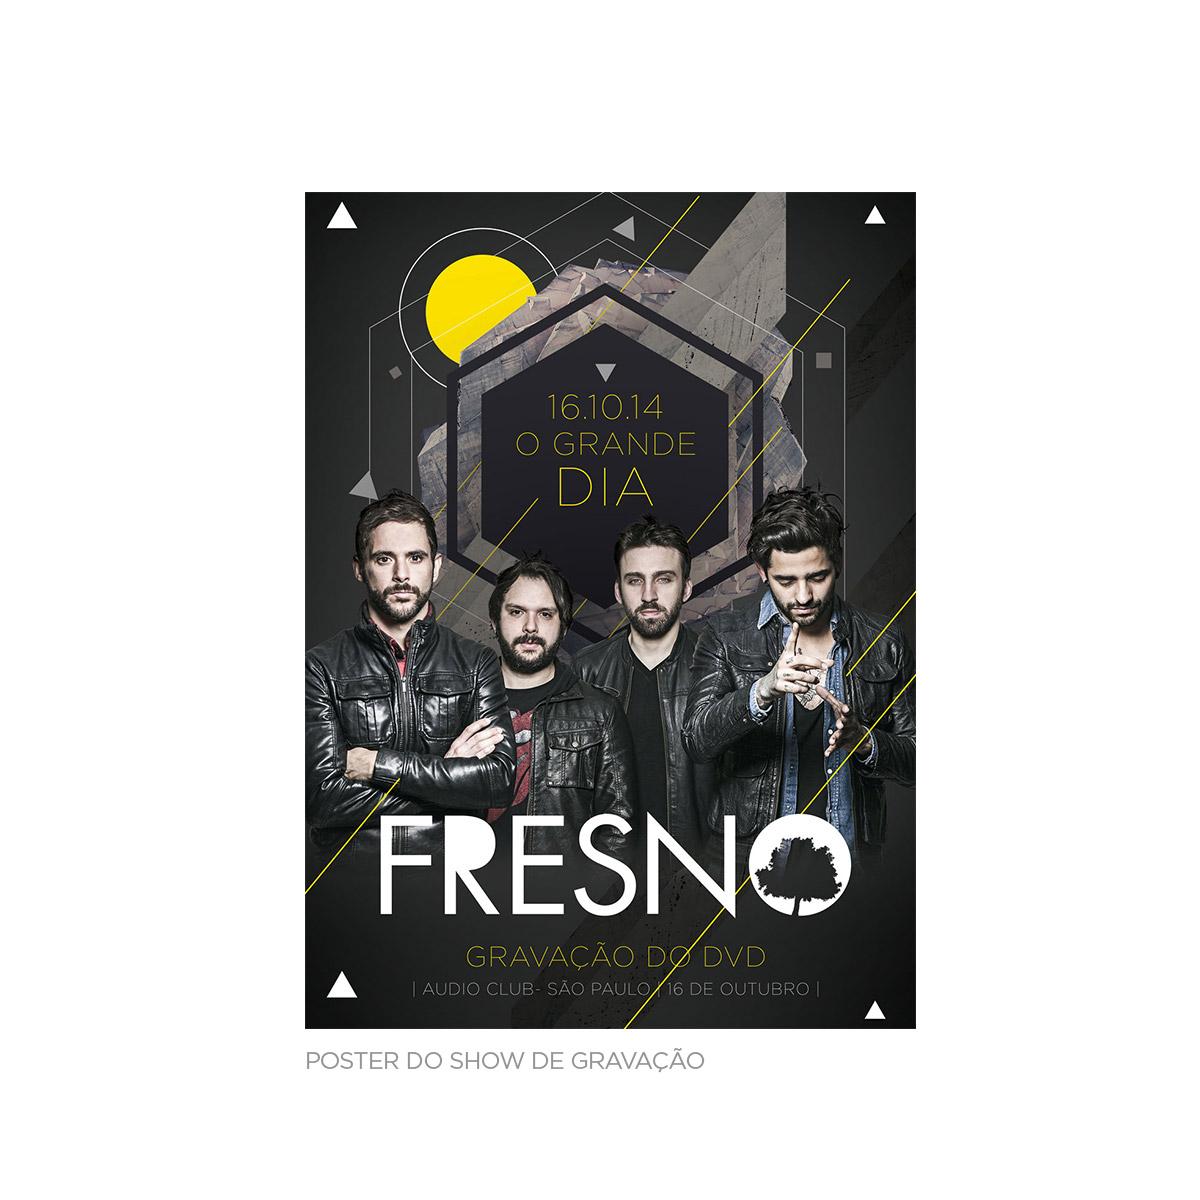 CD Duplo Deluxe Fresno 15 Anos ao Vivo AUTOGRAFADO + Pôster GRÁTIS